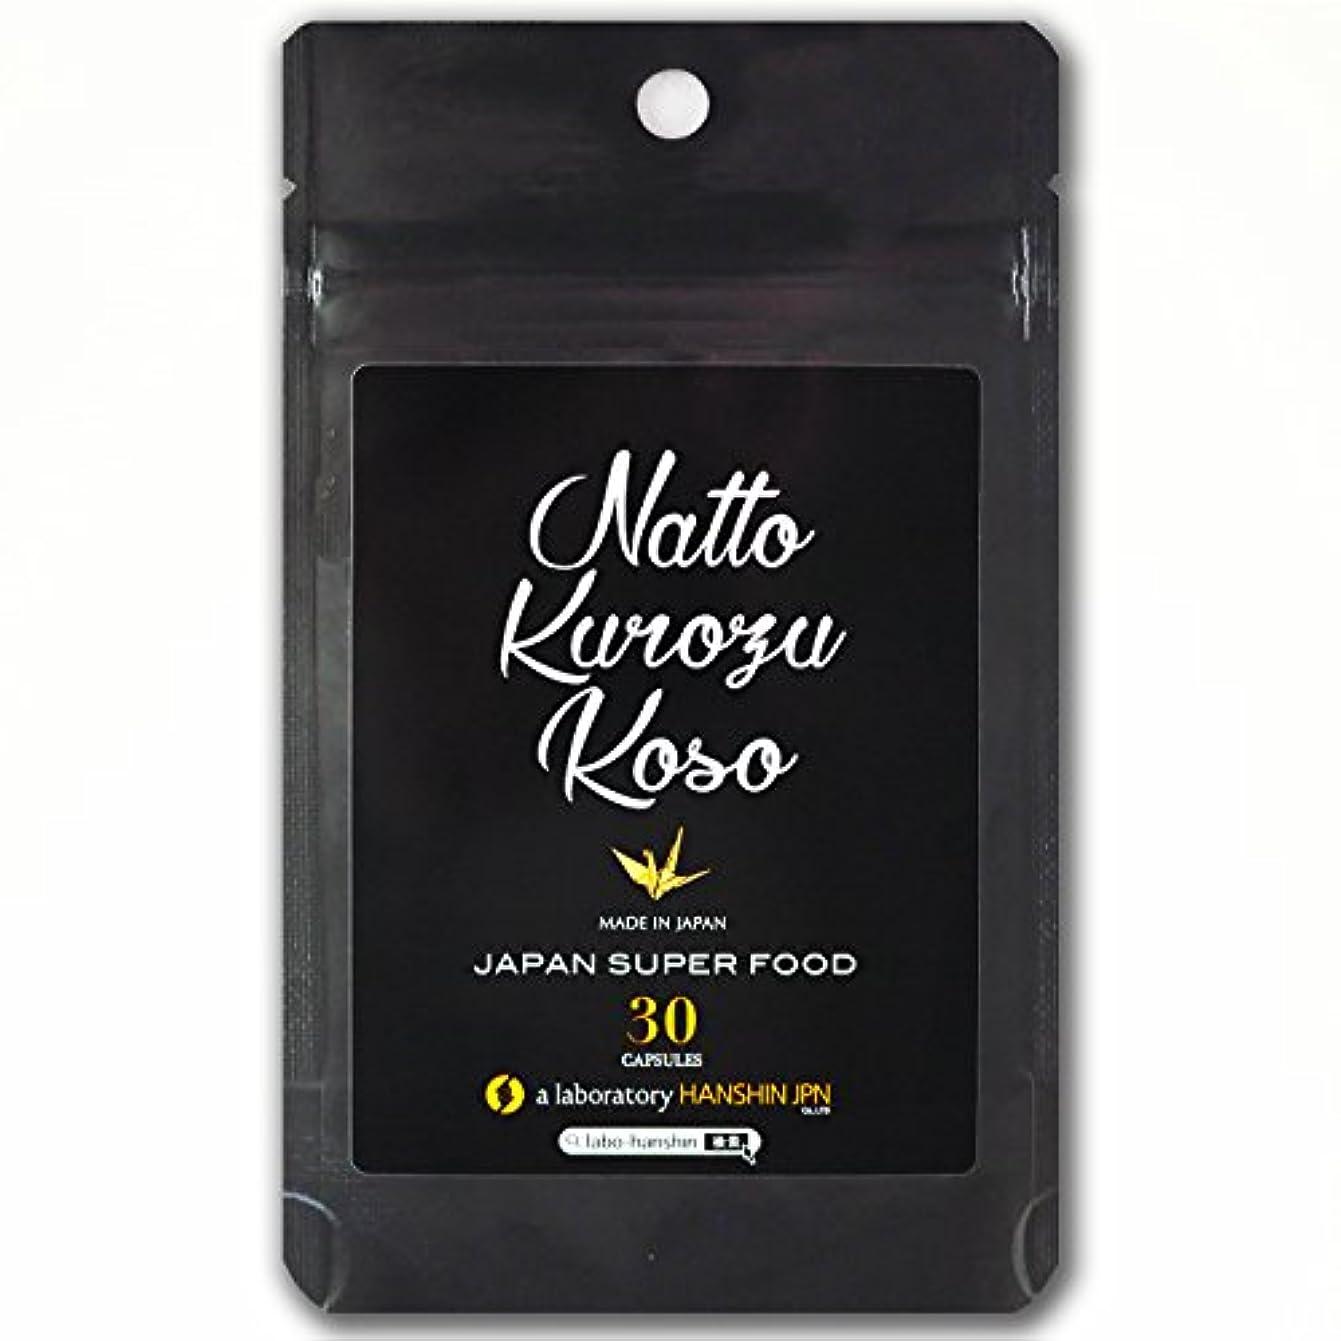 ブレイズ落ちた爆弾酵素 ダイエット サプリ 納豆 黒酢 酵素 ナットーキナーゼ 国産 30粒